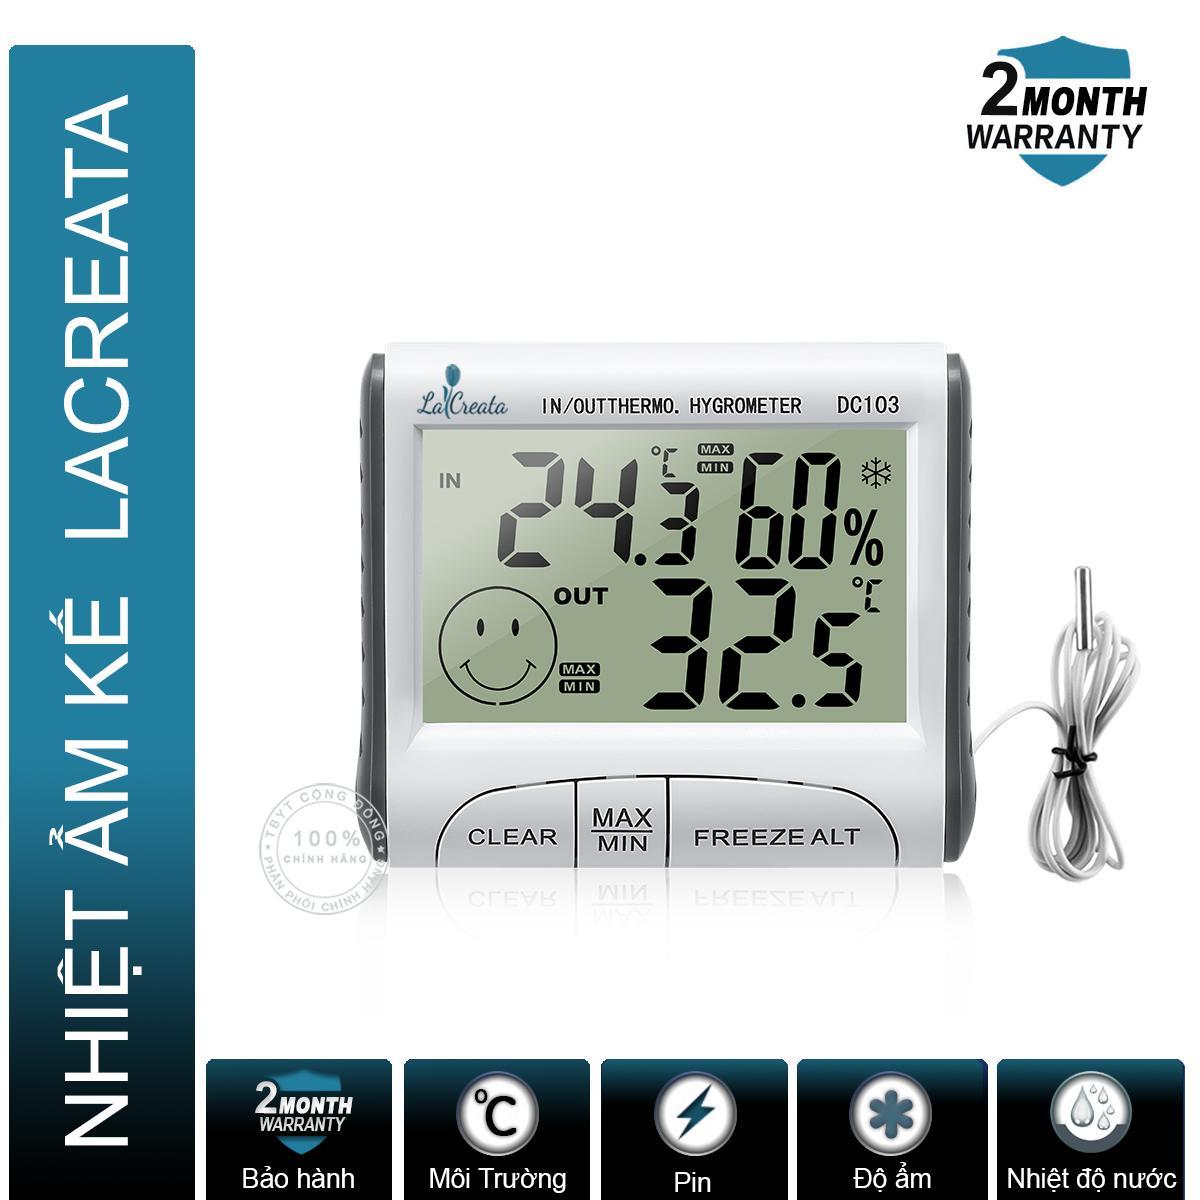 Nhiệt ẩm kế điện tử LaCreata bán chạy